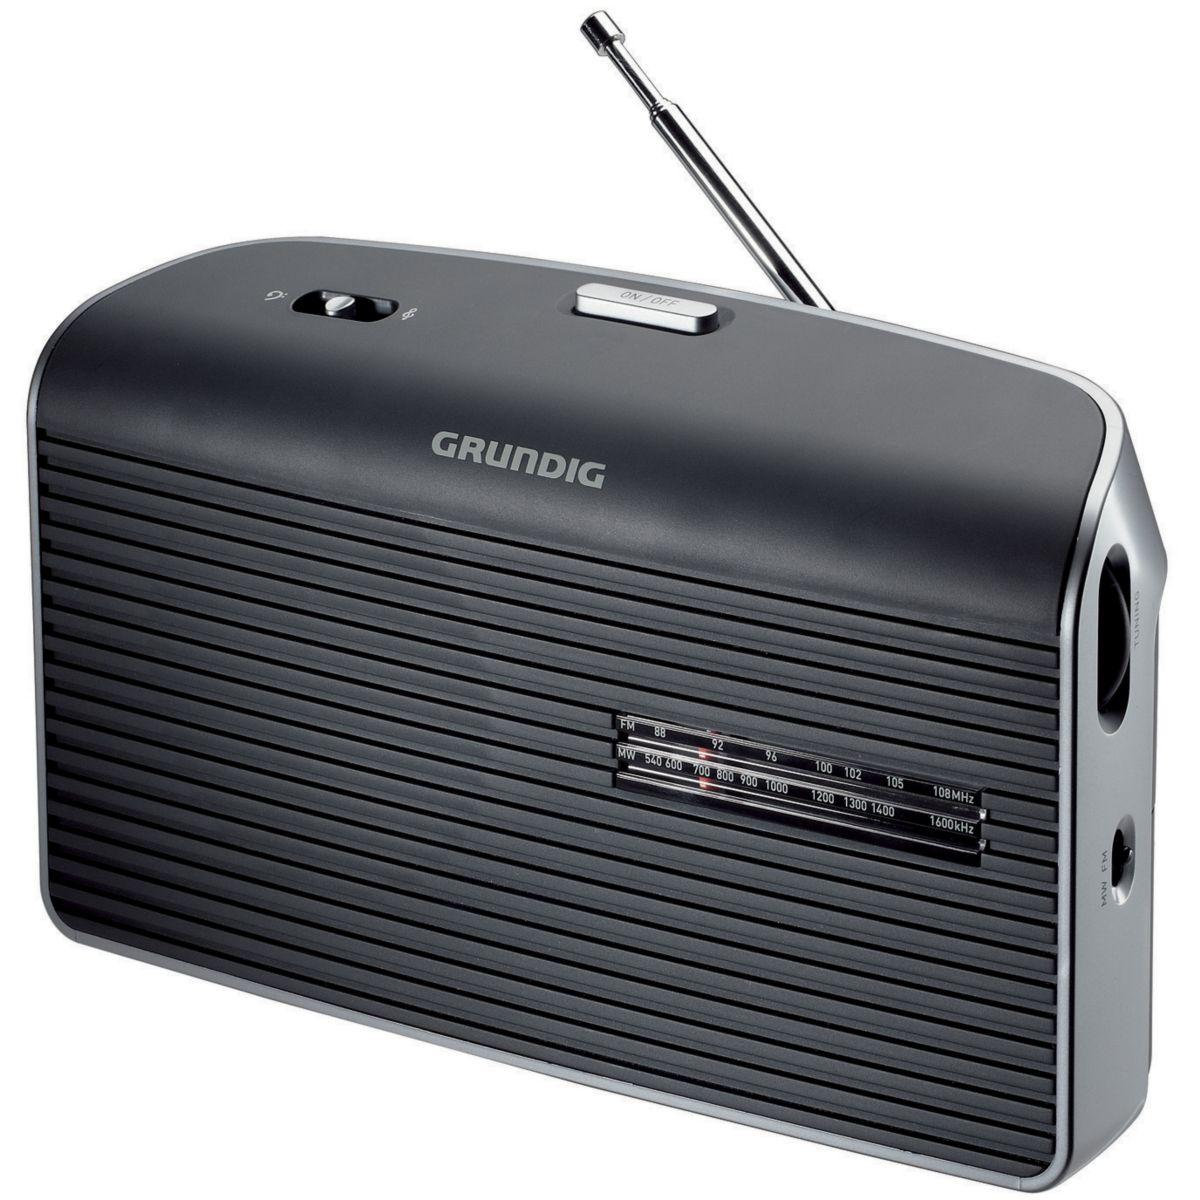 Radio grundig music 60 l noir - 2% de remise imm�diate avec le code : wd2 (photo)